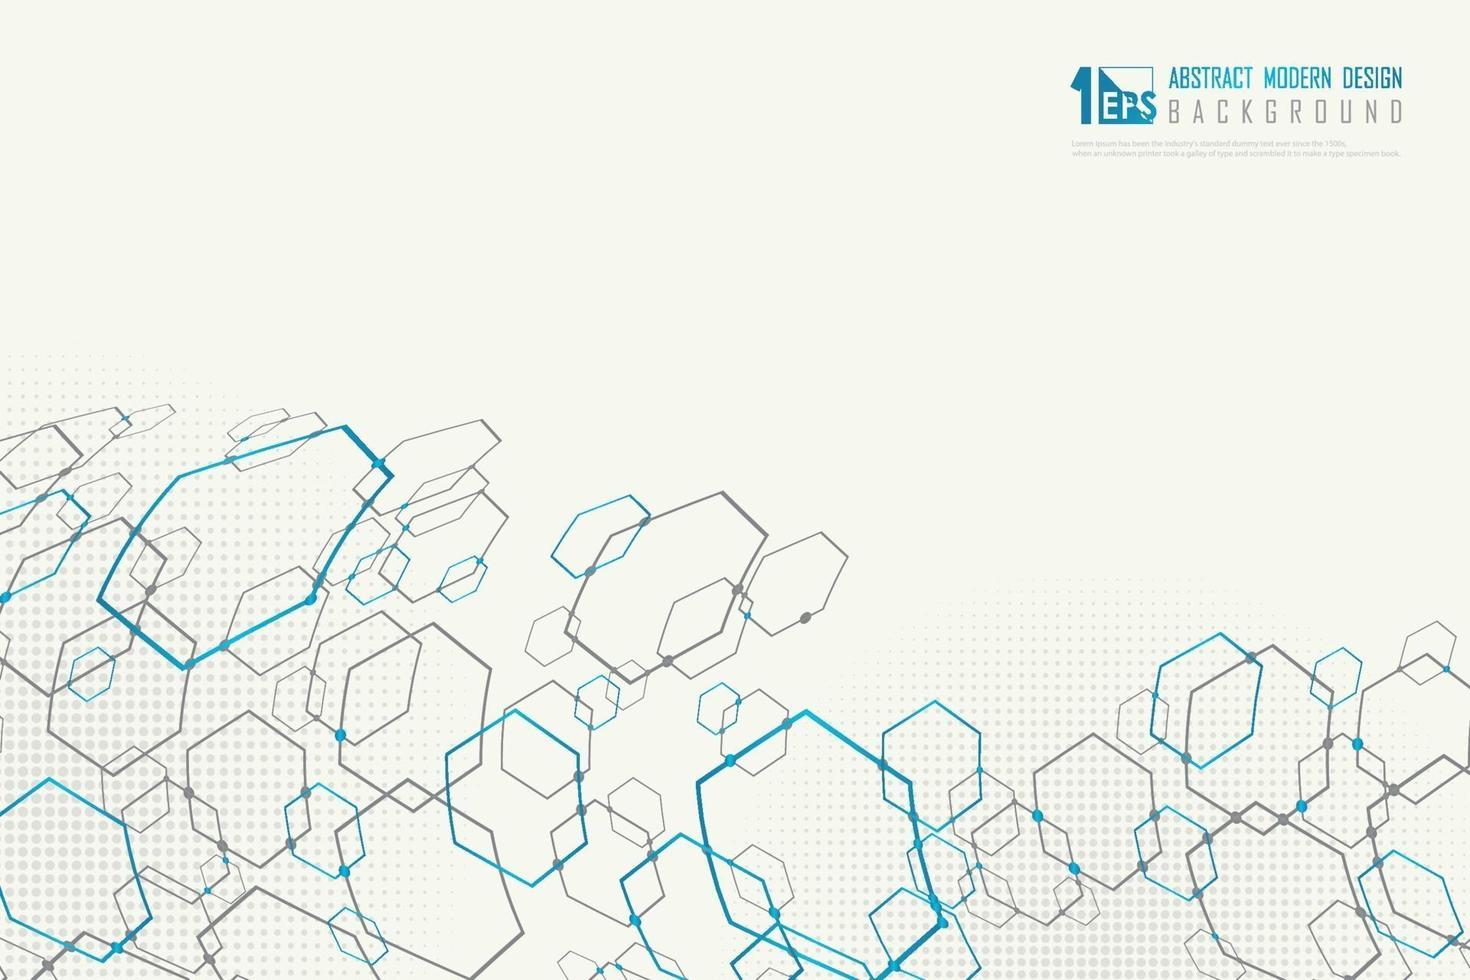 astratto esagonale della moderna tecnologia design sfondo decorazione. illustrazione vettoriale